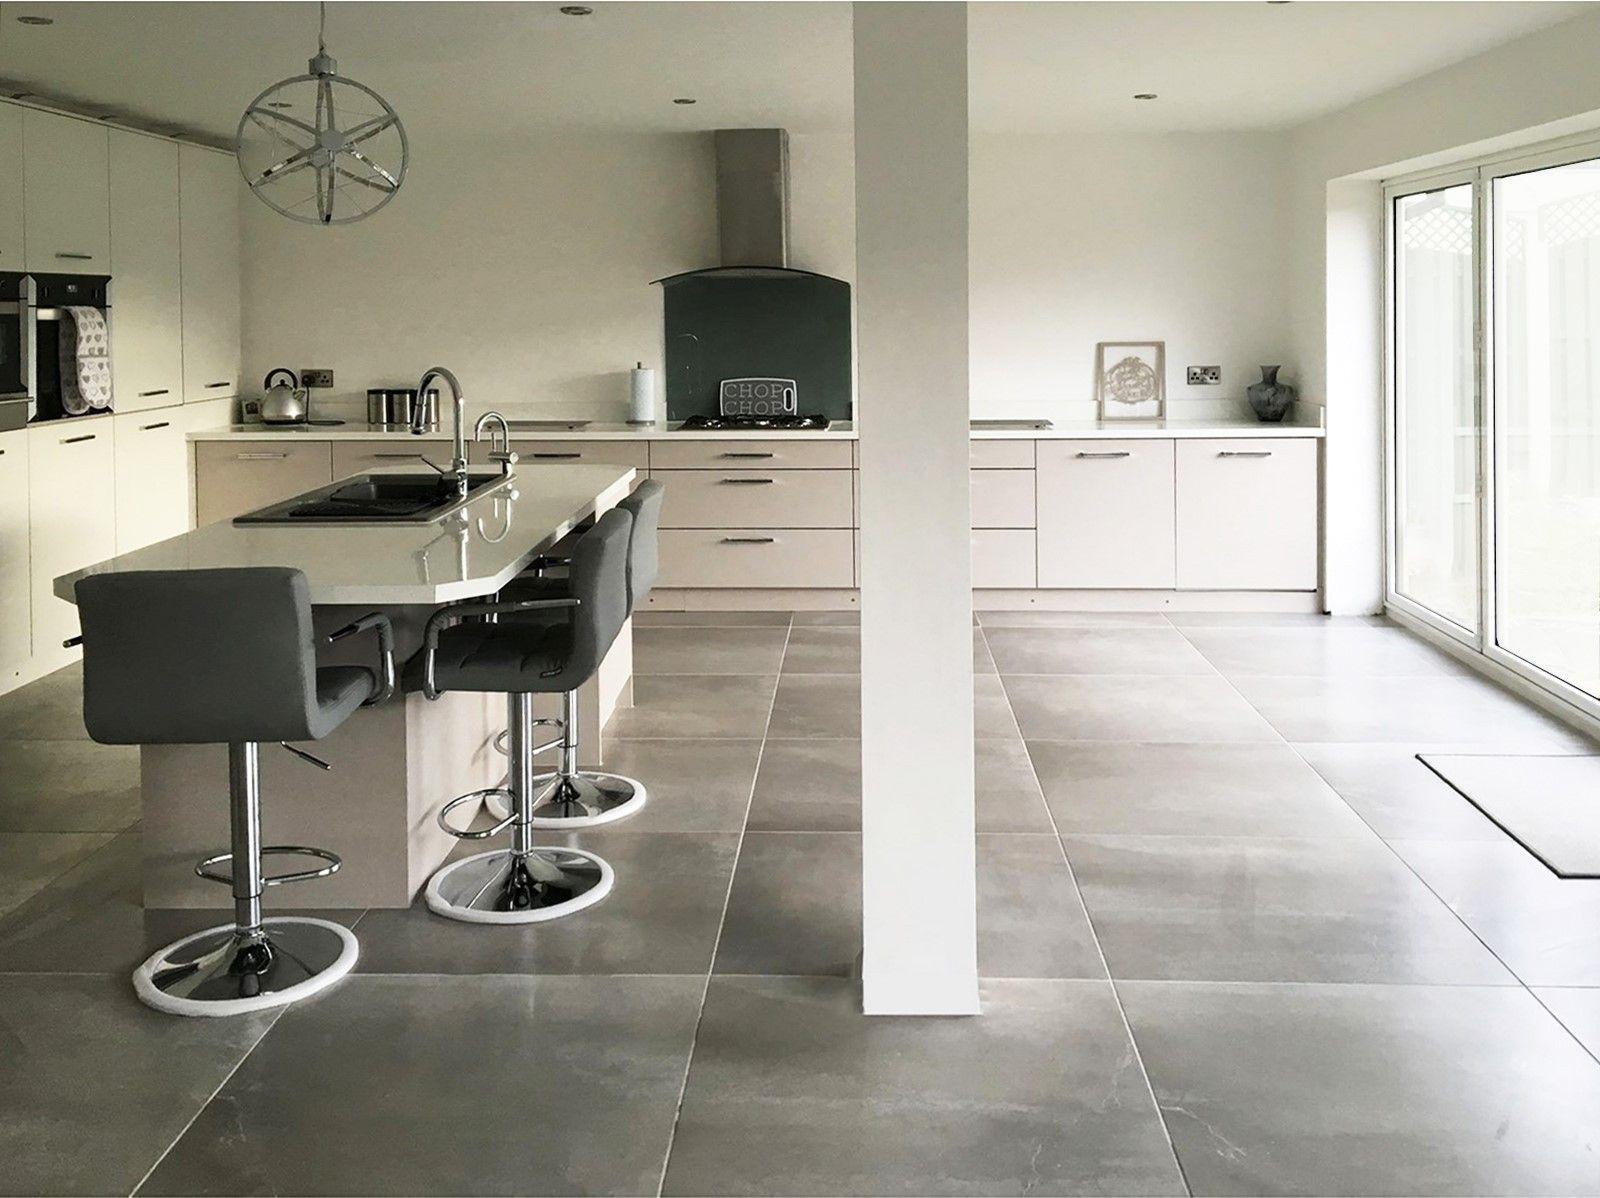 Concrete tile kitchen floor kitchen design ideas concept grey 60 x cm polished concrete floors are ideal for concrete tile kitchen dailygadgetfo Choice Image